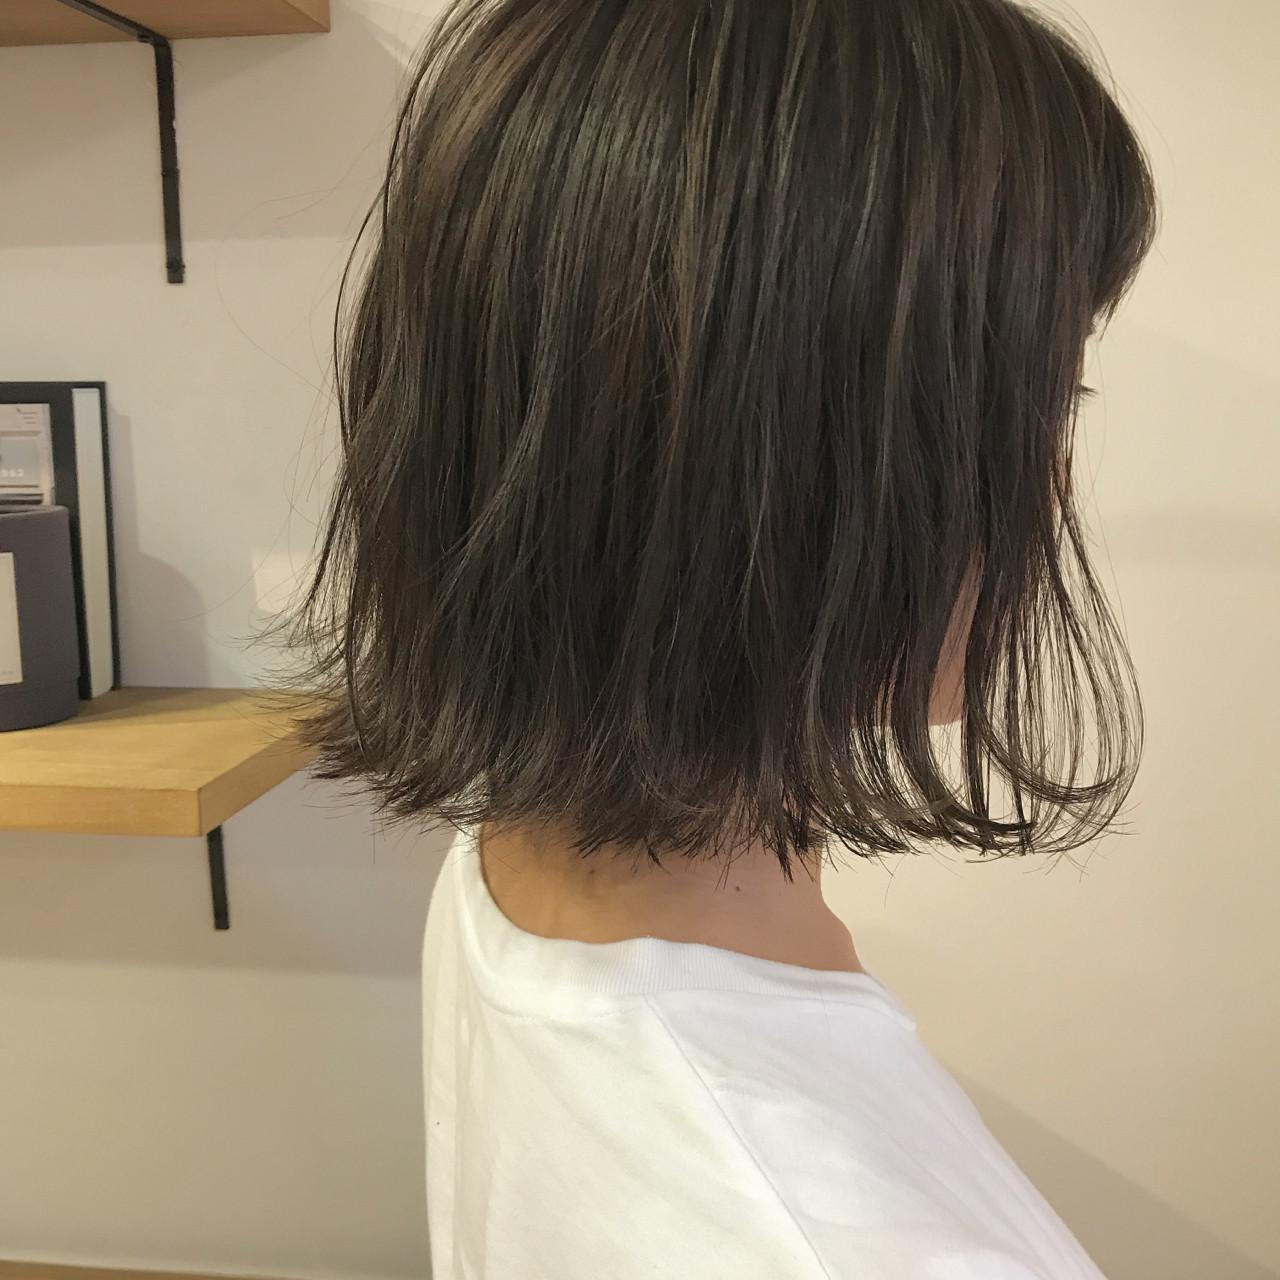 ナチュラル 切りっぱなし ハイライト 秋 ヘアスタイルや髪型の写真・画像 | KENTO.NOESALON / NOE SALON